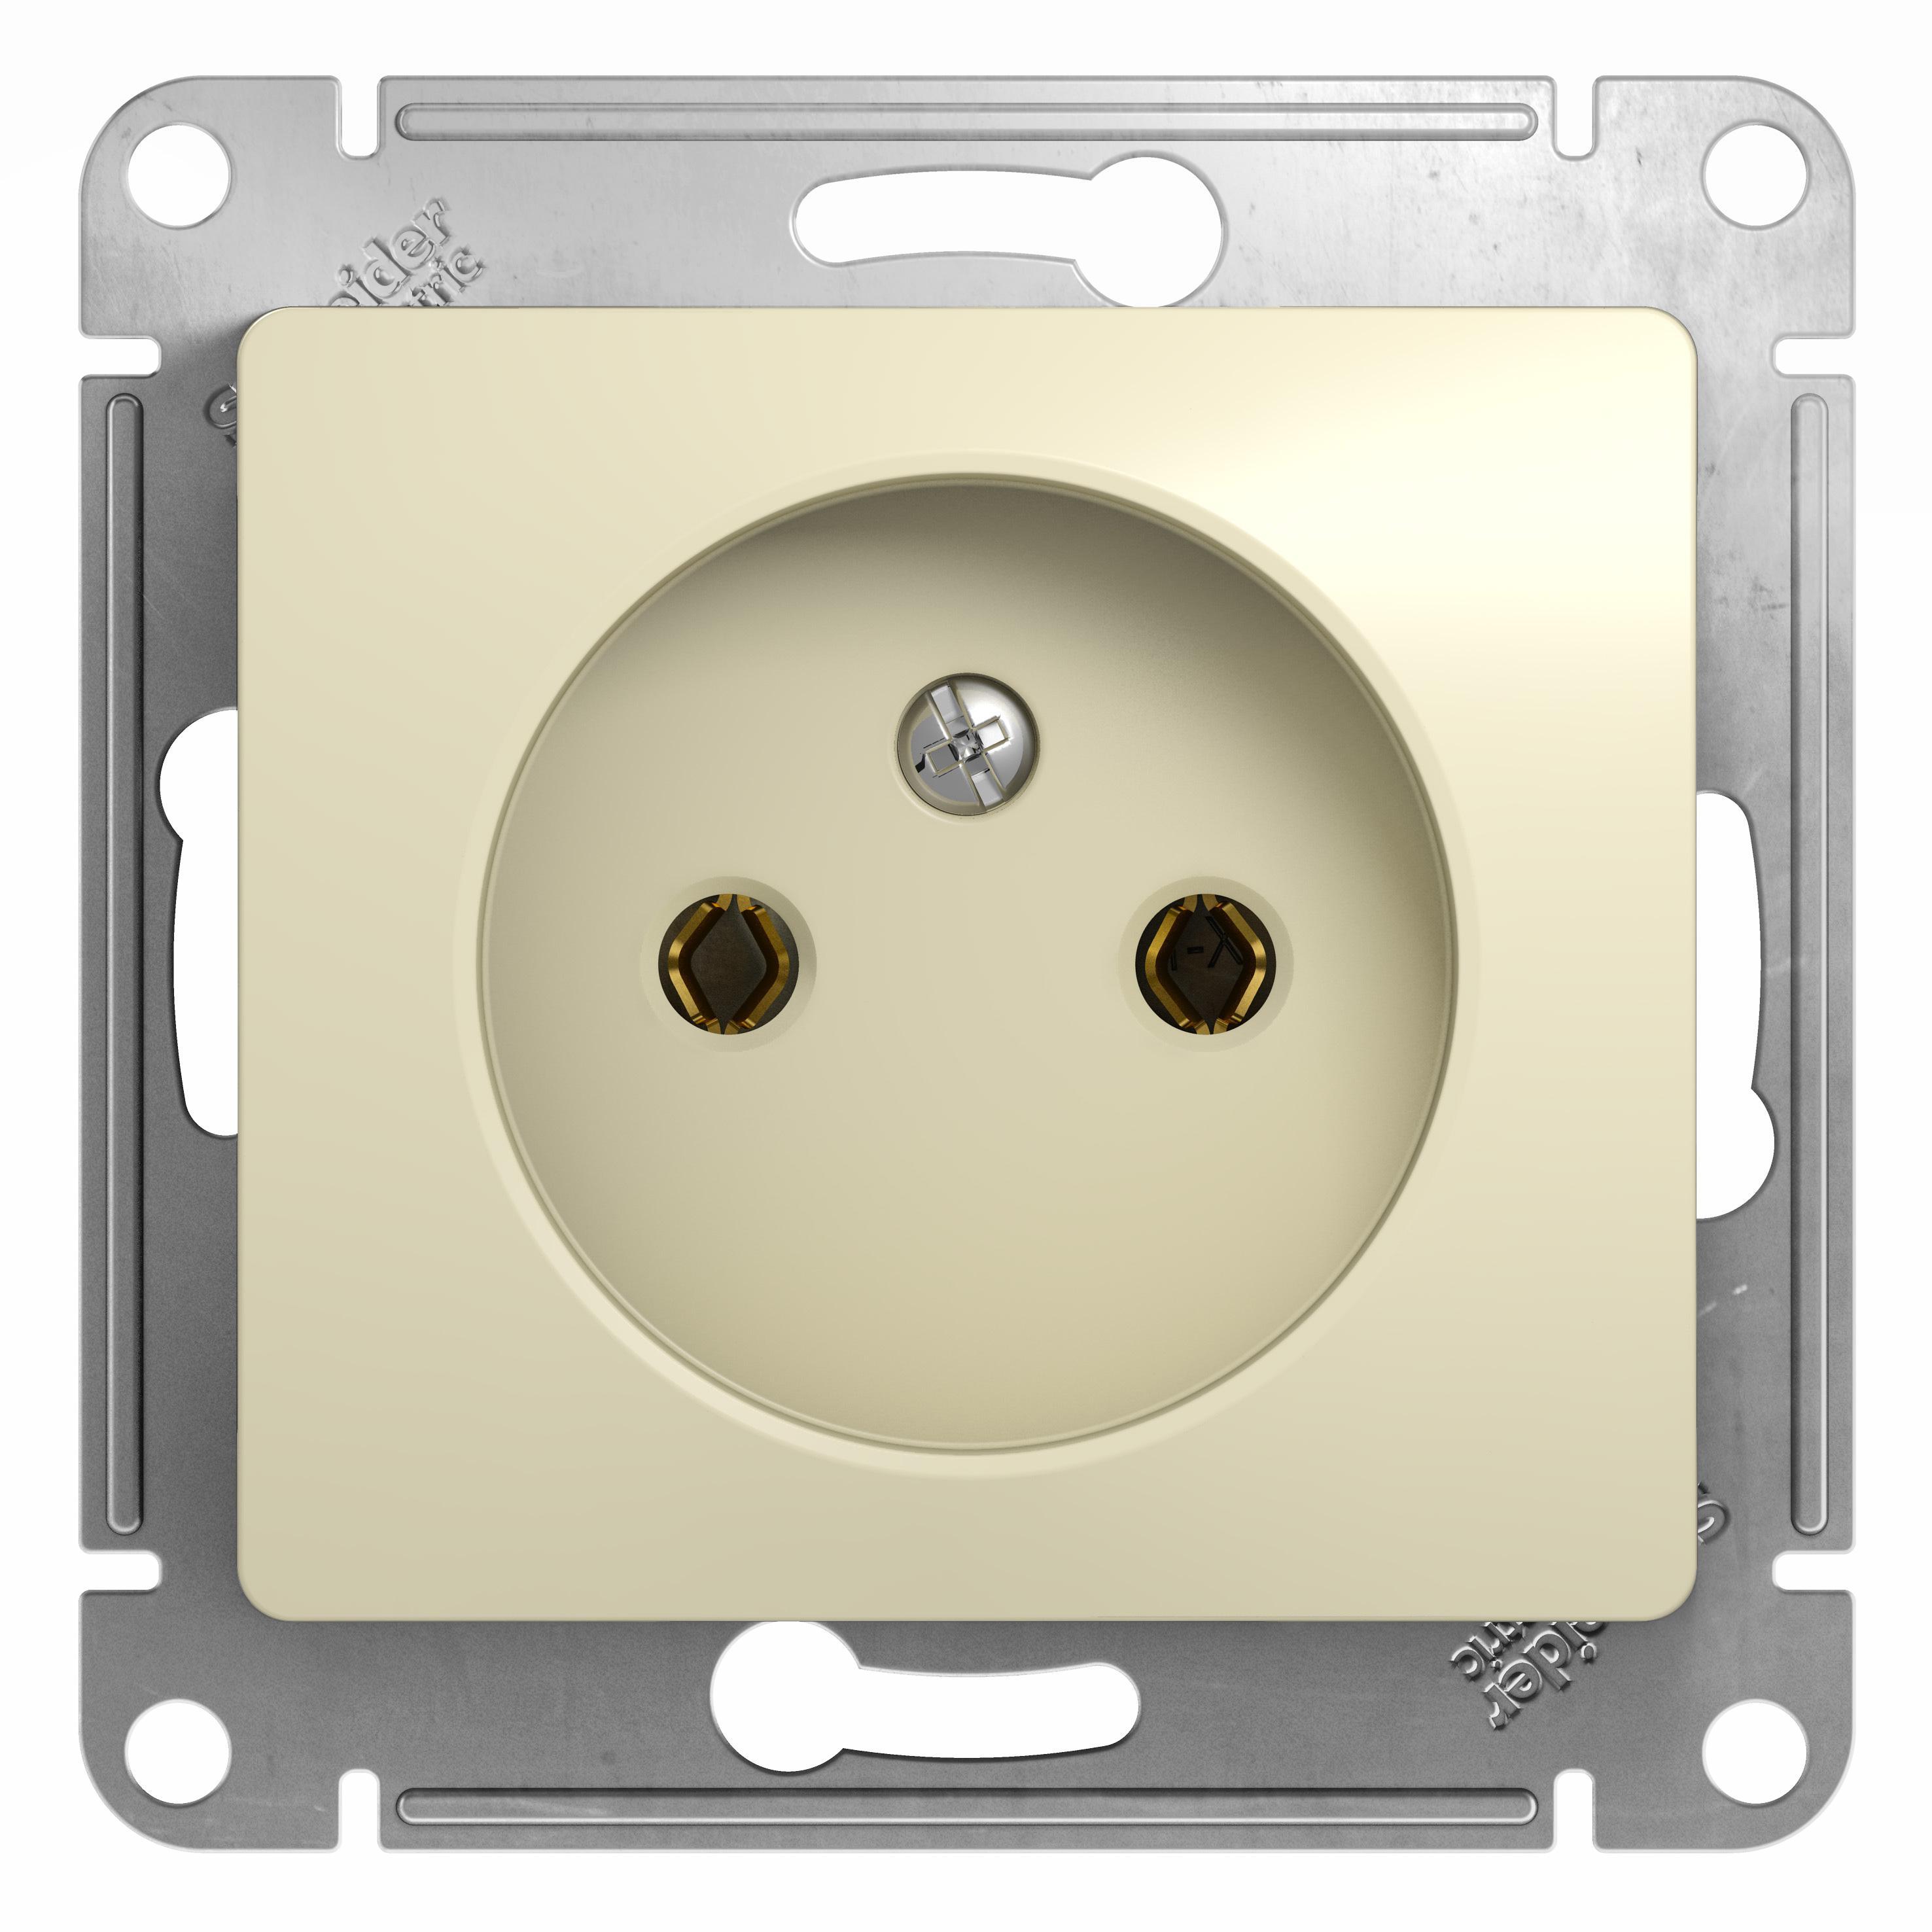 Механизм розетки Schneider electric Gsl000241 glossa механизм выключателя schneider electric glossa белый 1 клавишный с подсветкой gsl000113